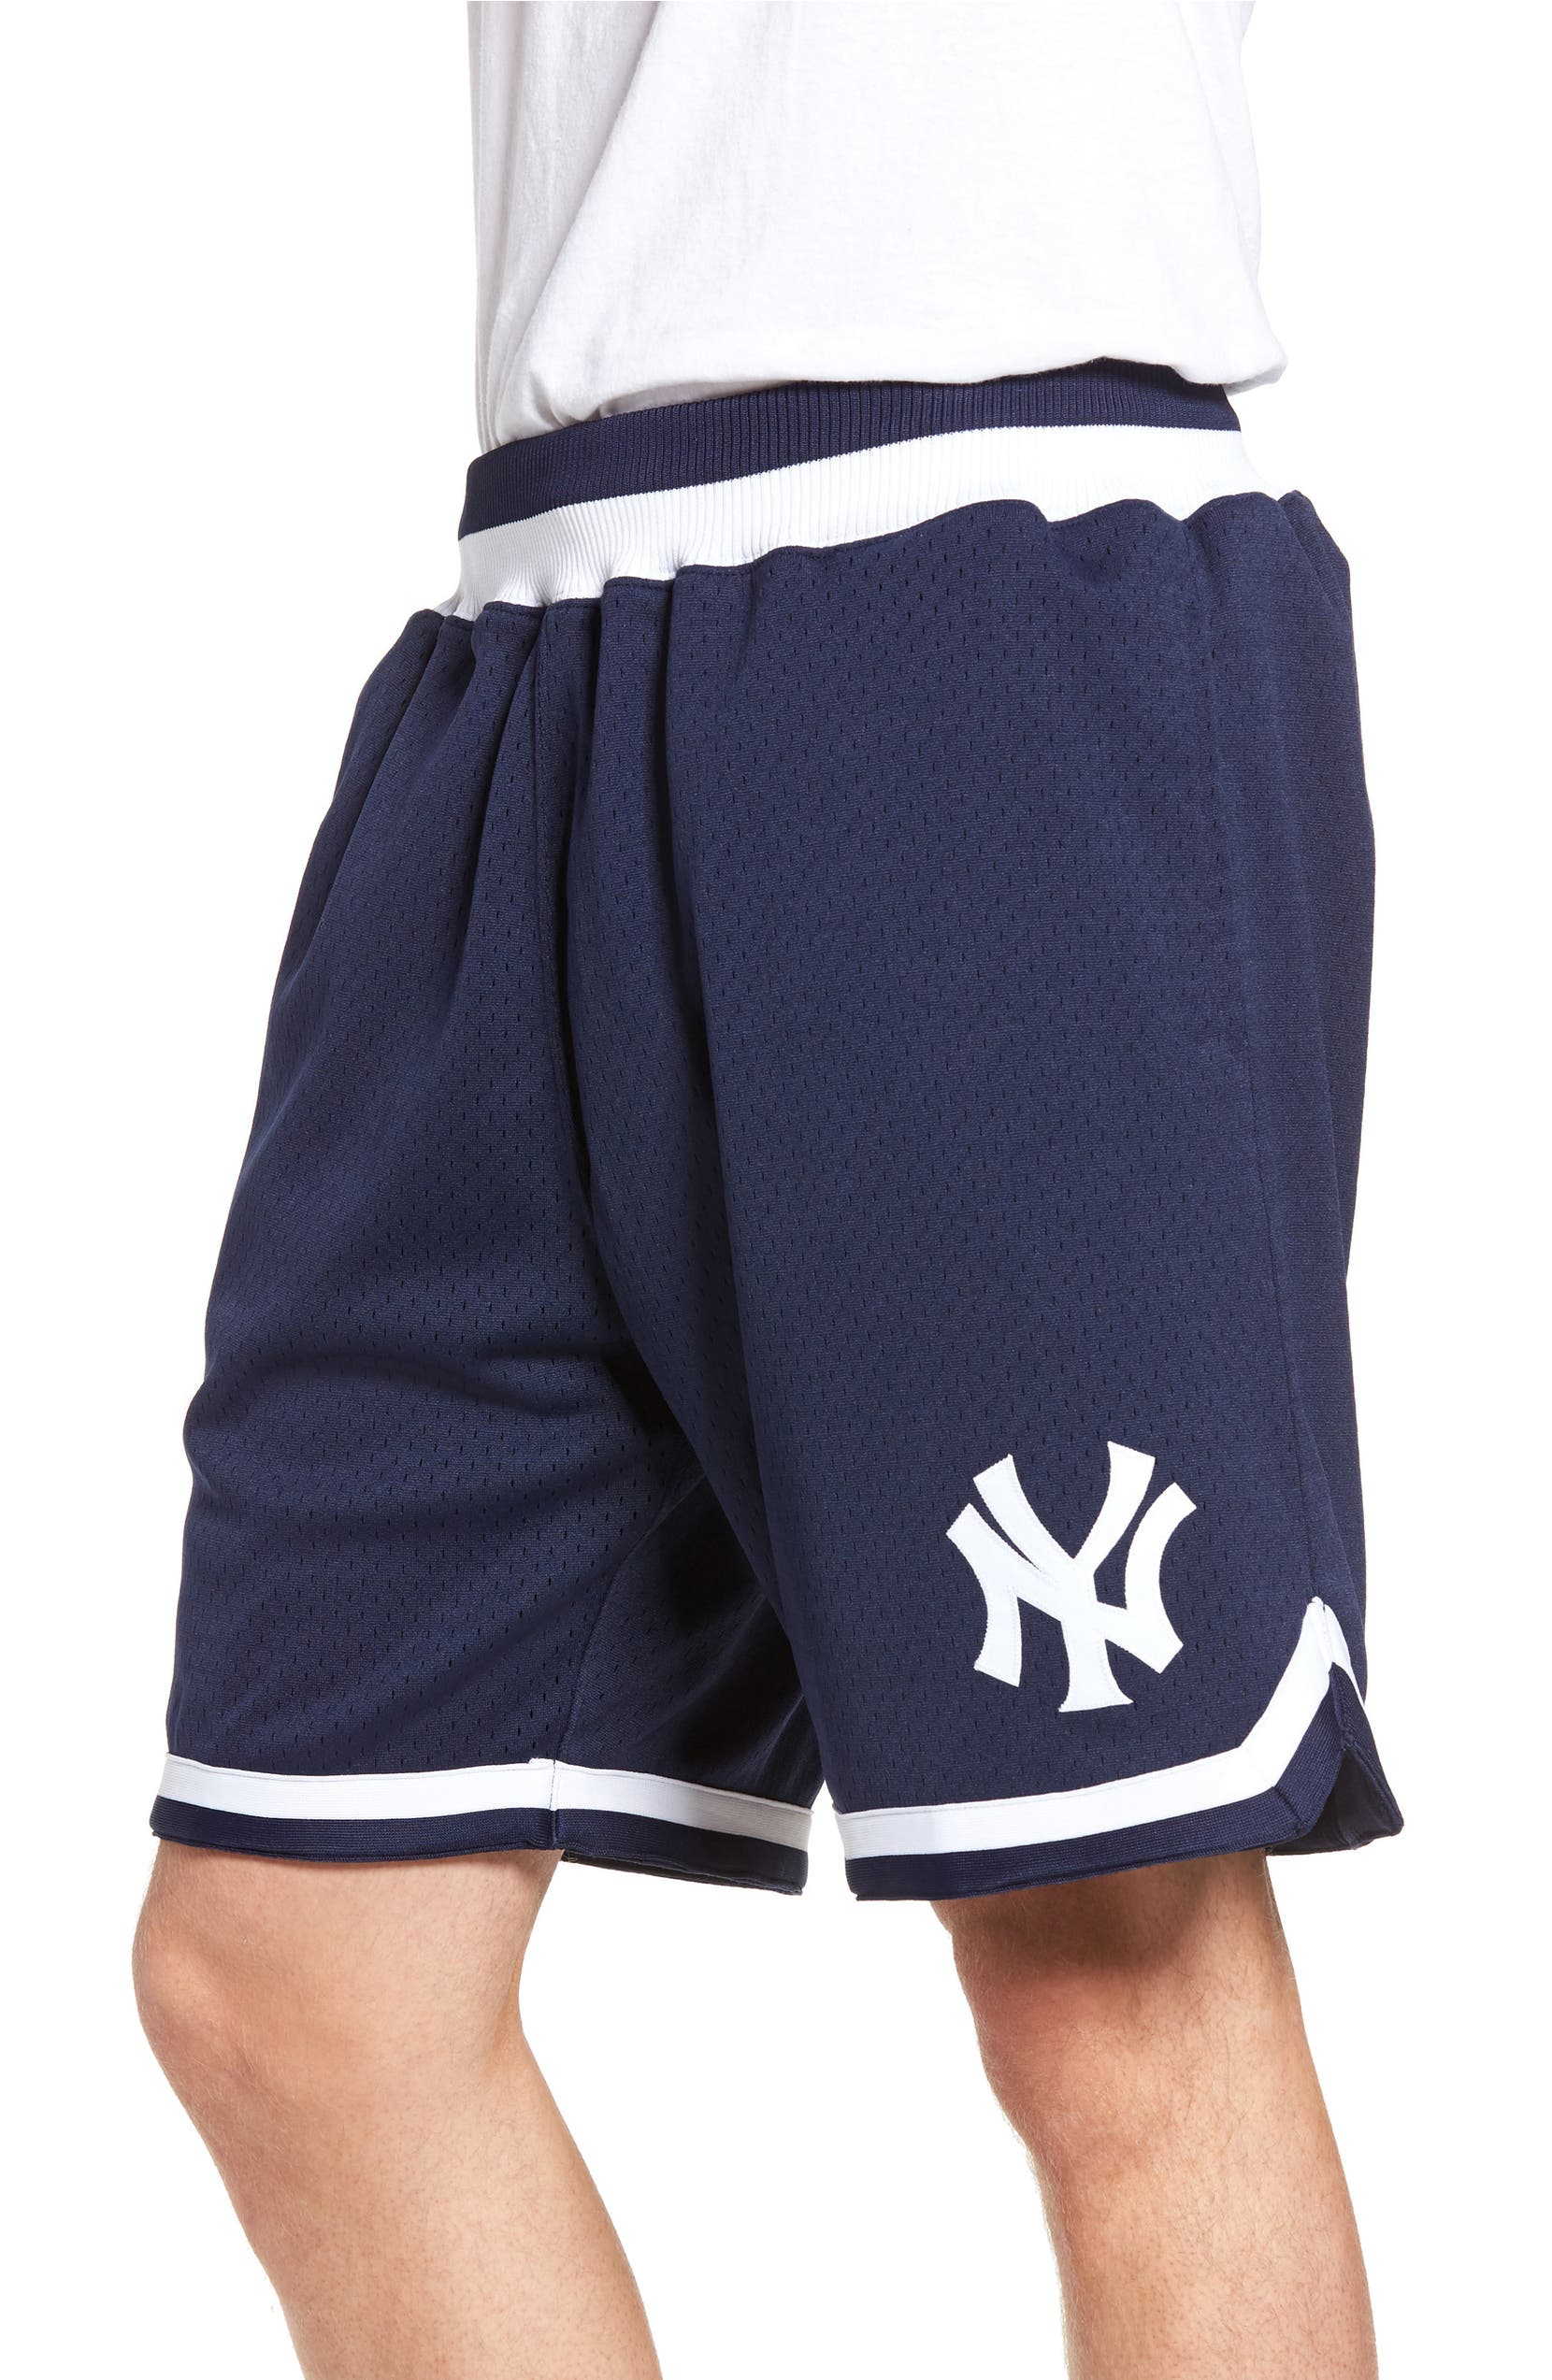 brand new 2ed73 eb542 Mitchell & Ness Playoff Win New York Yankees Mesh Warm-Up ...